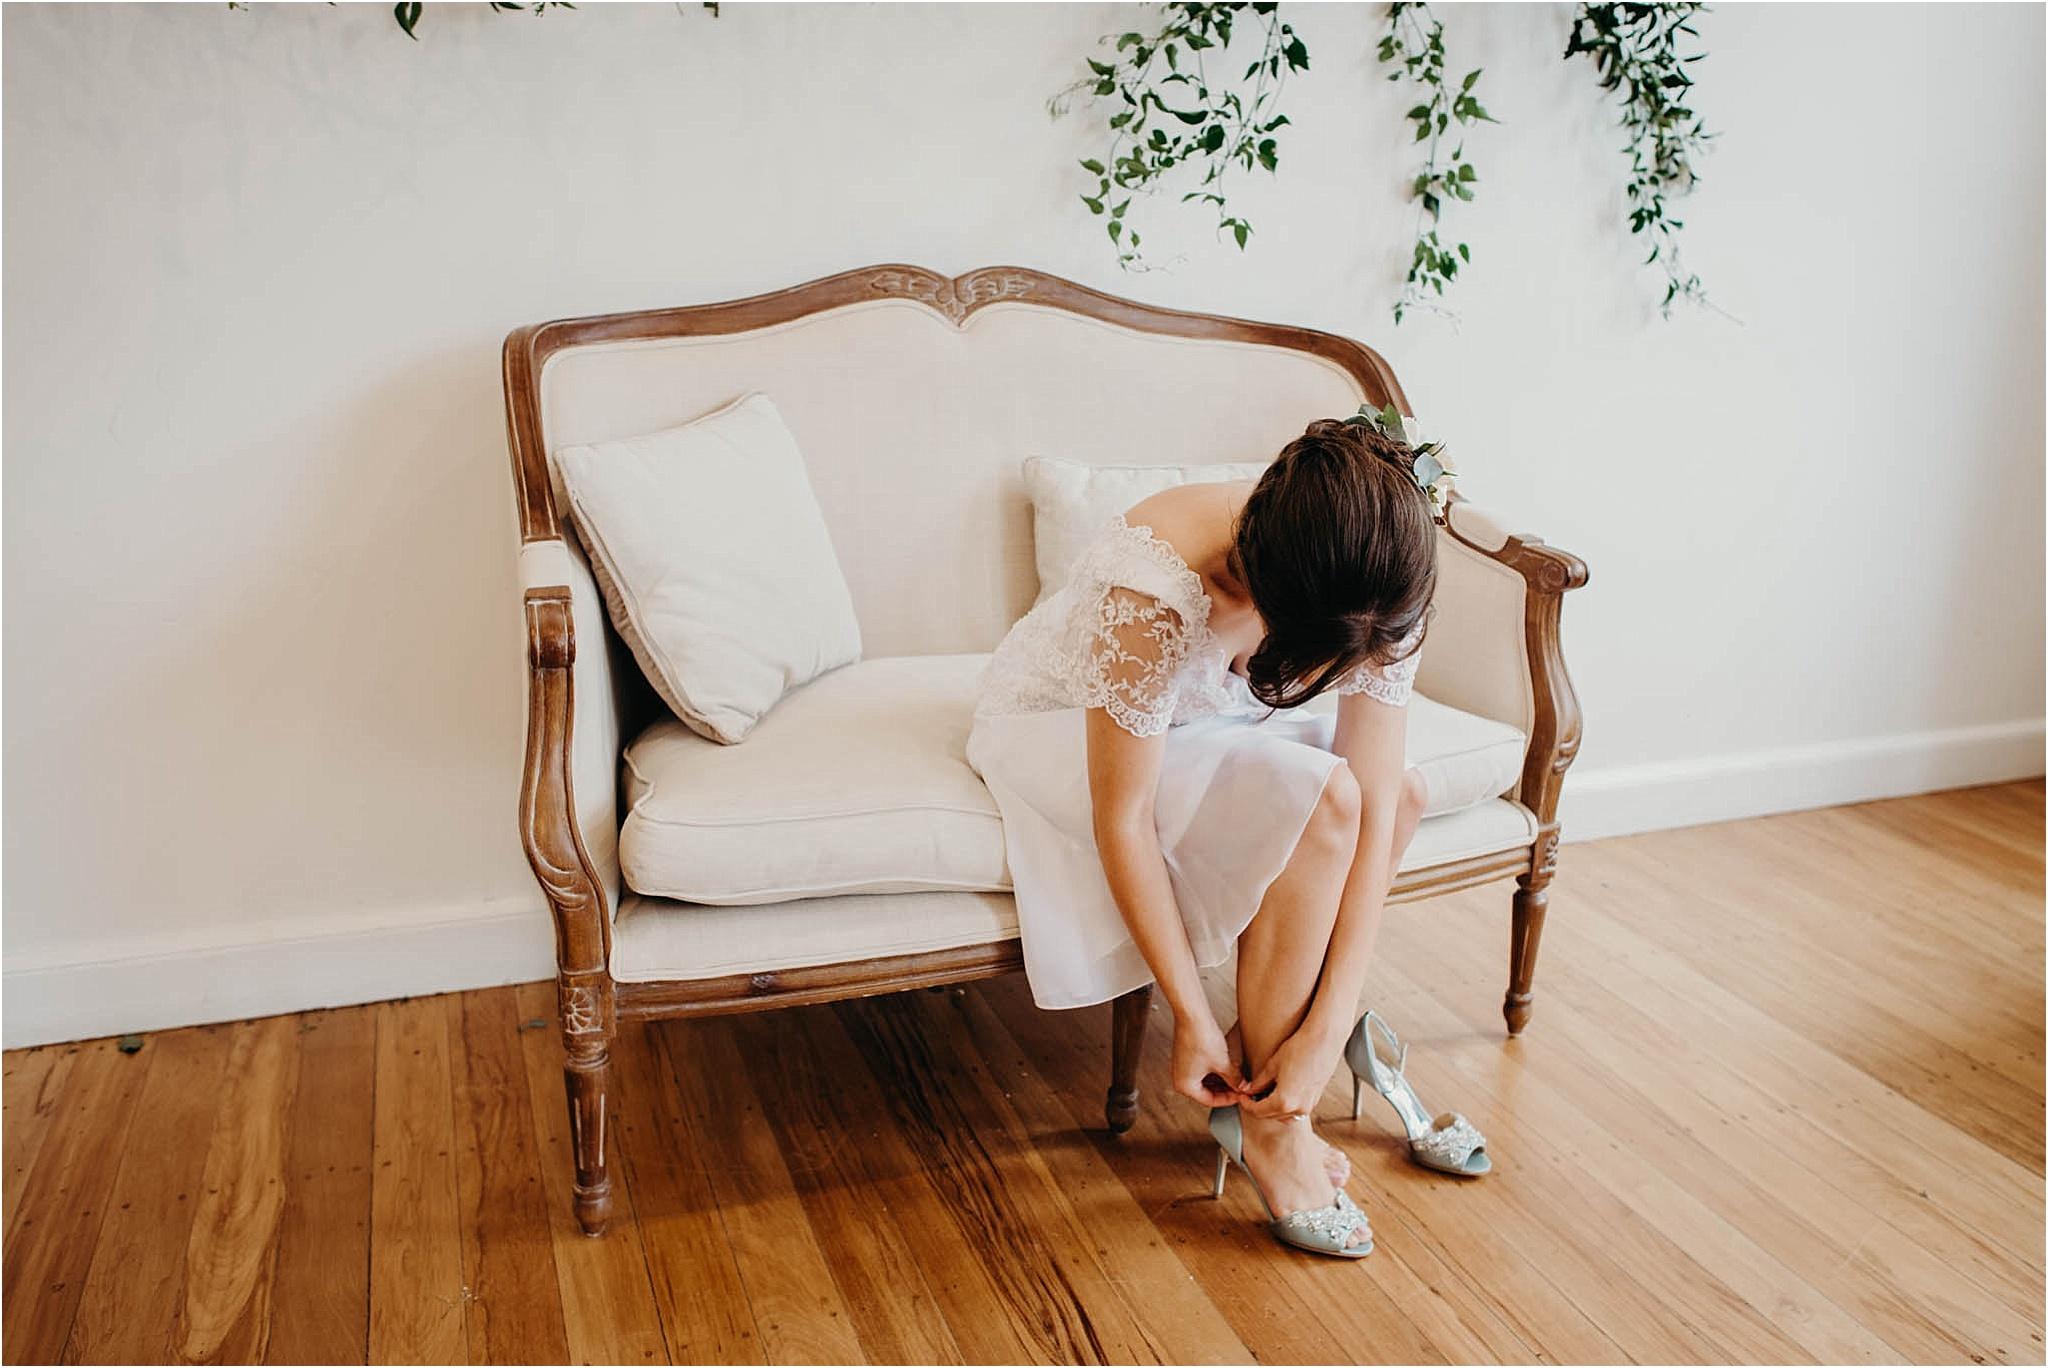 Auckland-Wedding-Photographer-Vanessa-Julian-Officers-Mess-Married_0004.jpg